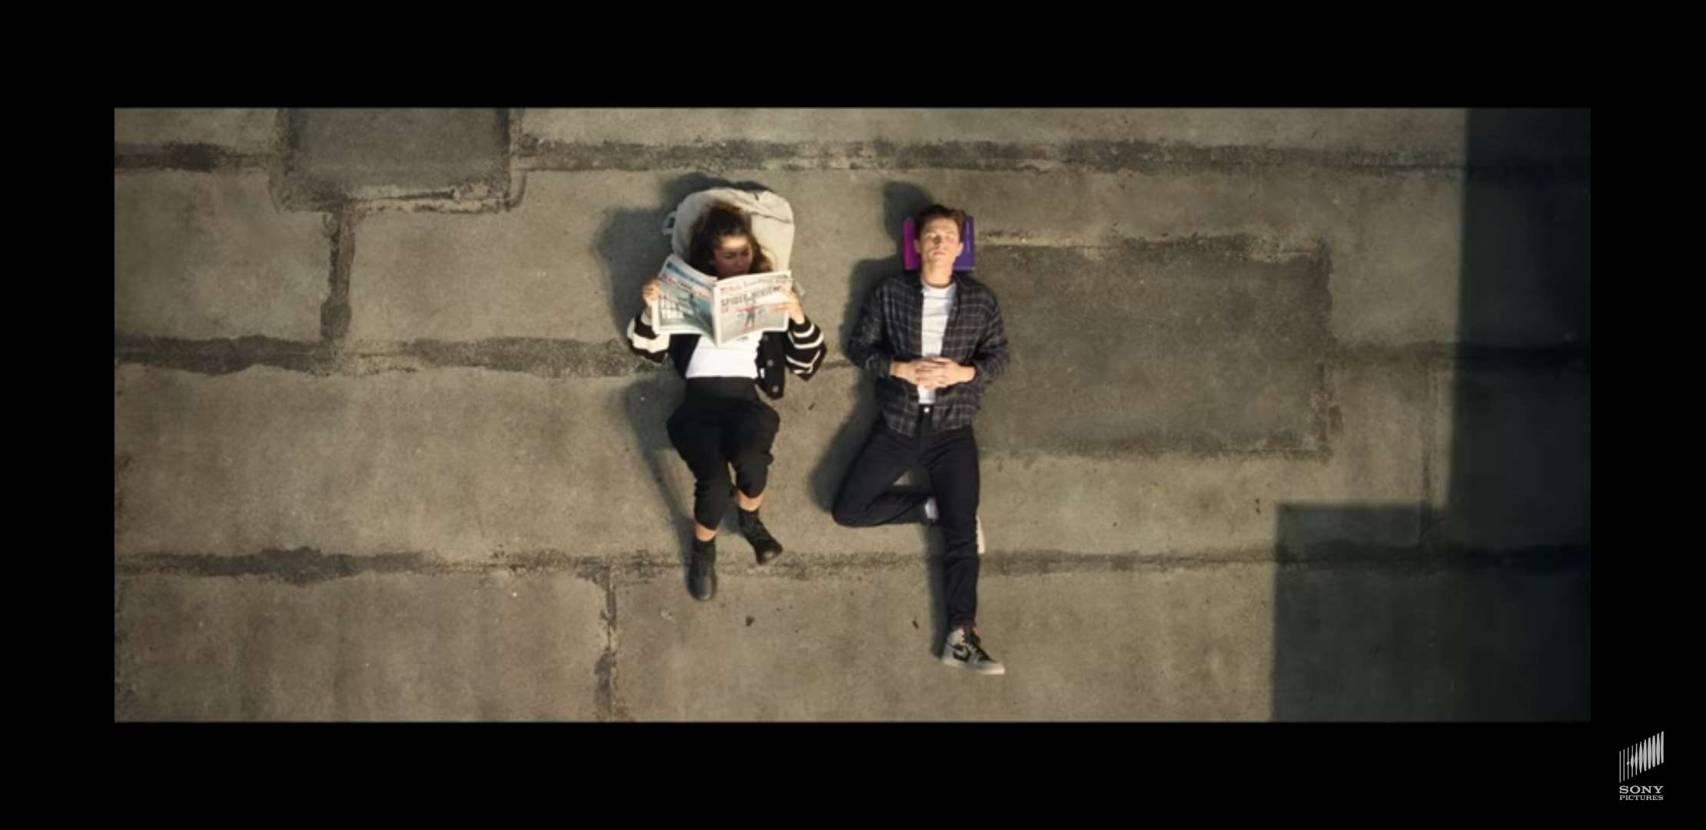 スパイダーマンノーウェイホームでピーターが履いてるスニーカーこれジョーダンかな?